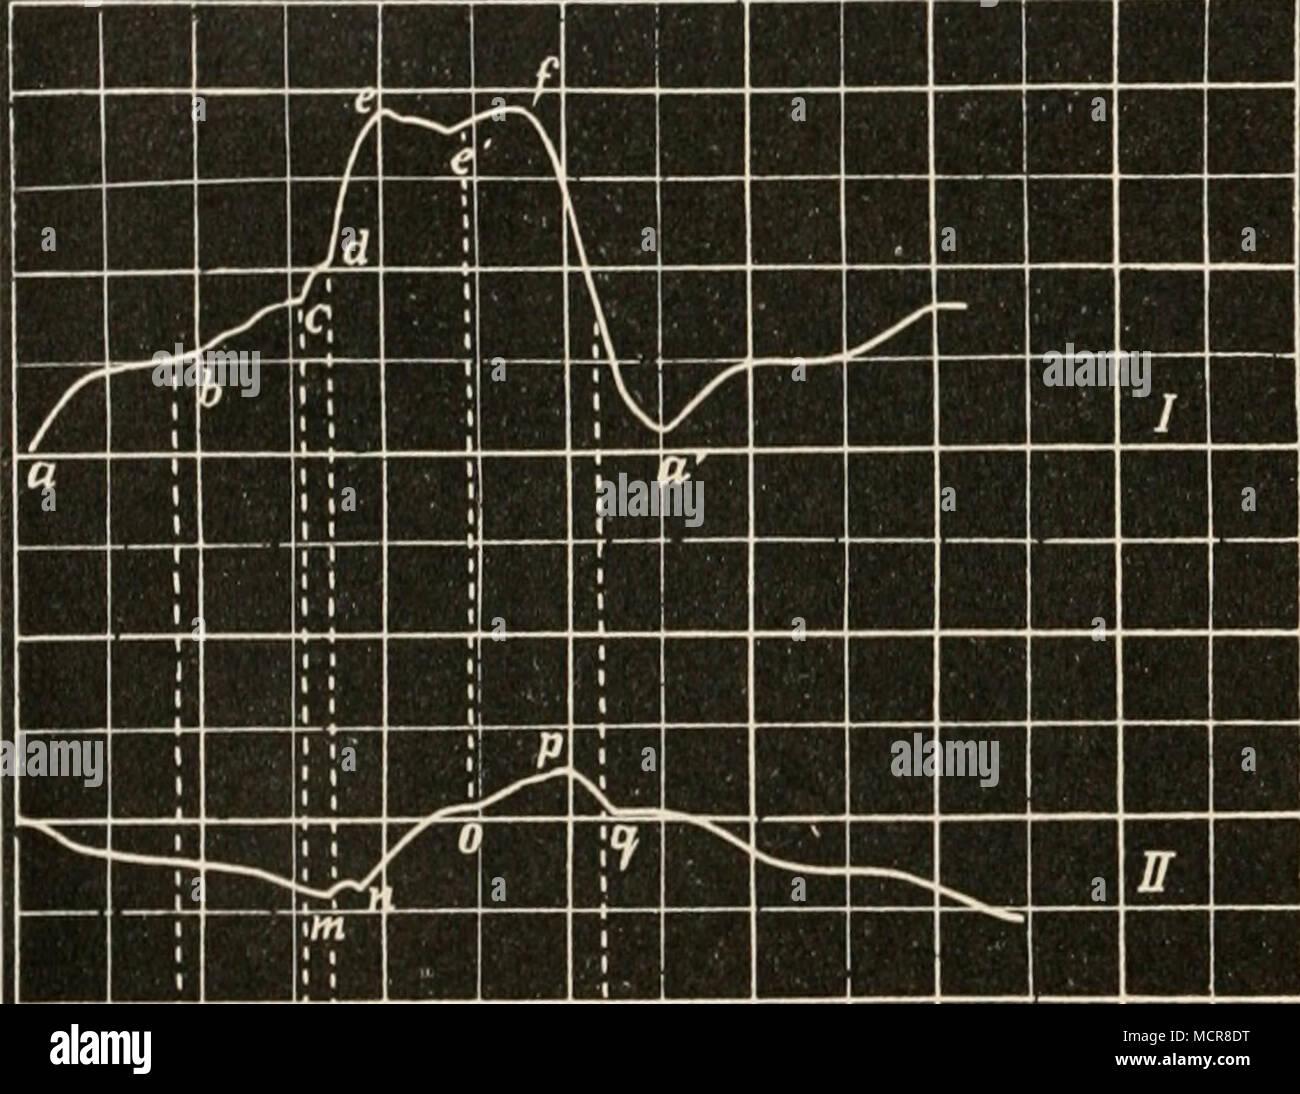 Ungewöhnlich Elektrische Schemazeichnung Galerie - Schaltplan Serie ...